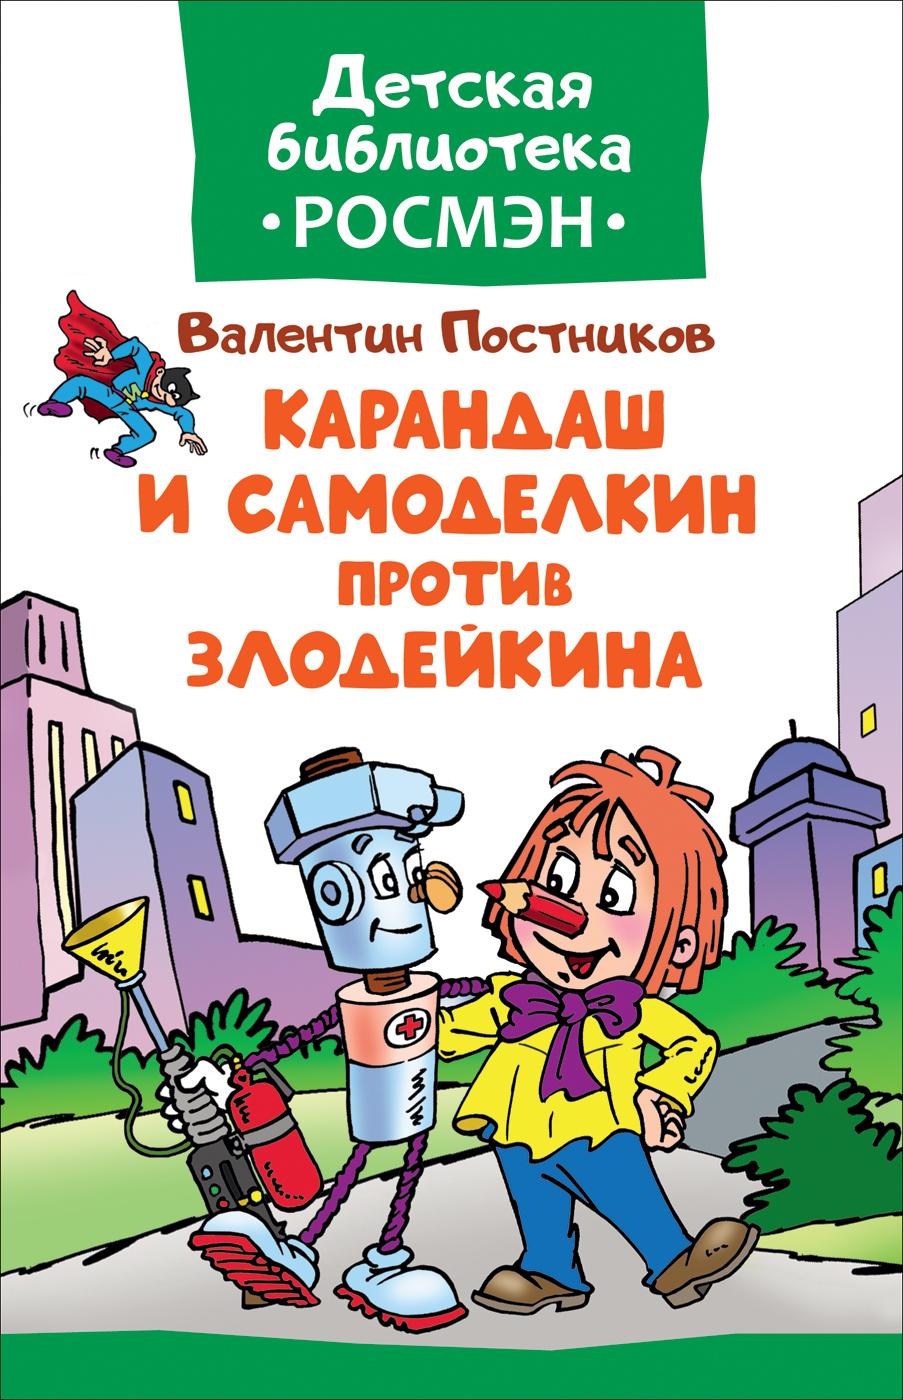 Постников В.Ф. Карандаш и Самоделкин против Злодейкина(ДБ РОСМЭН)